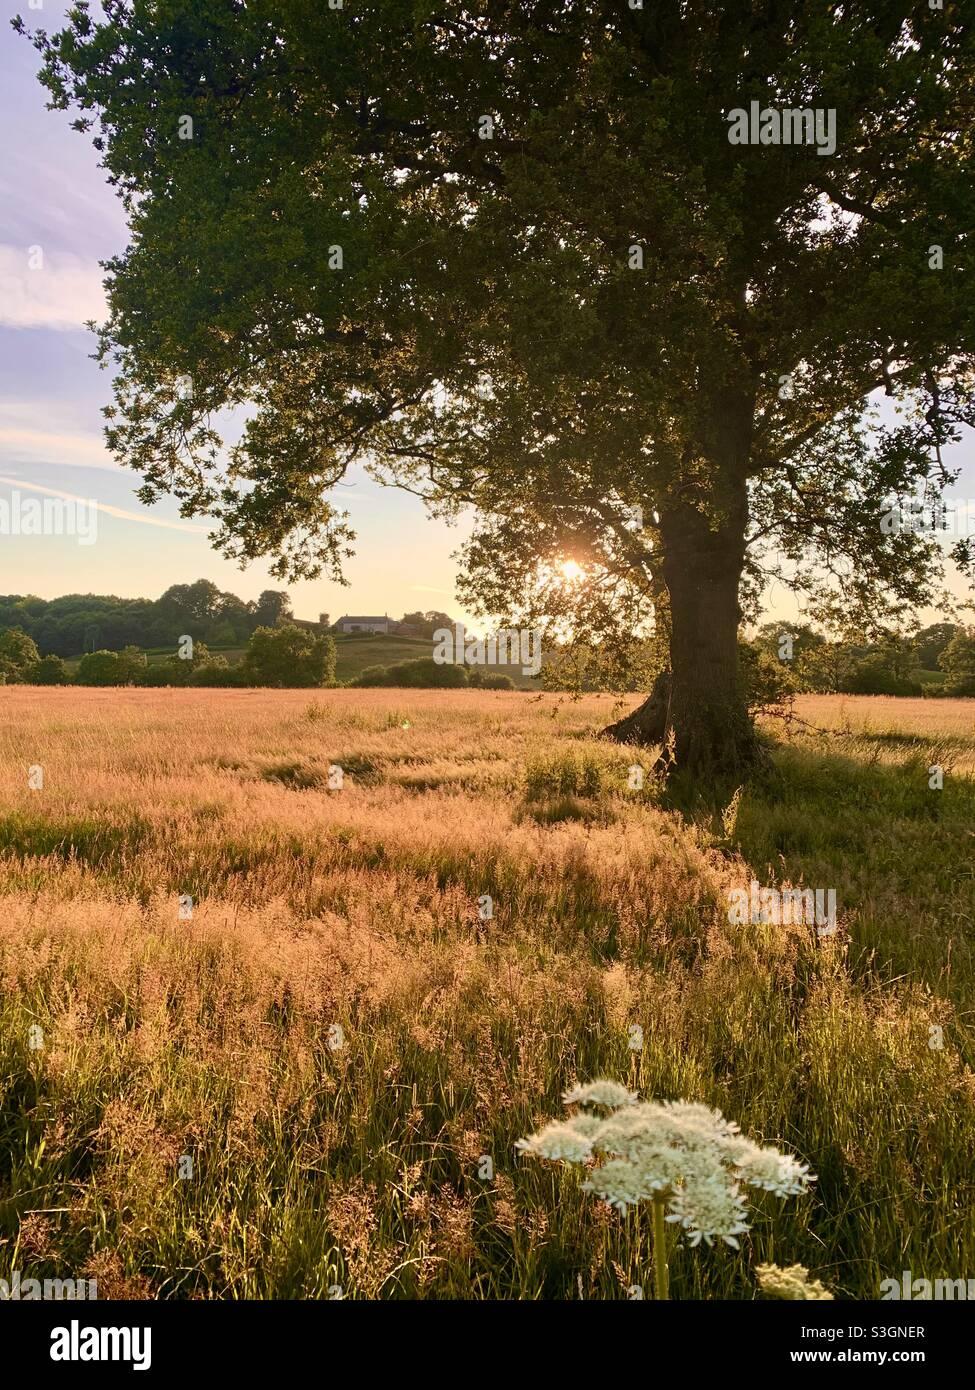 Refilding. Gräser dürfen auf der Wiese in Somerset wild wachsen. Stockfoto